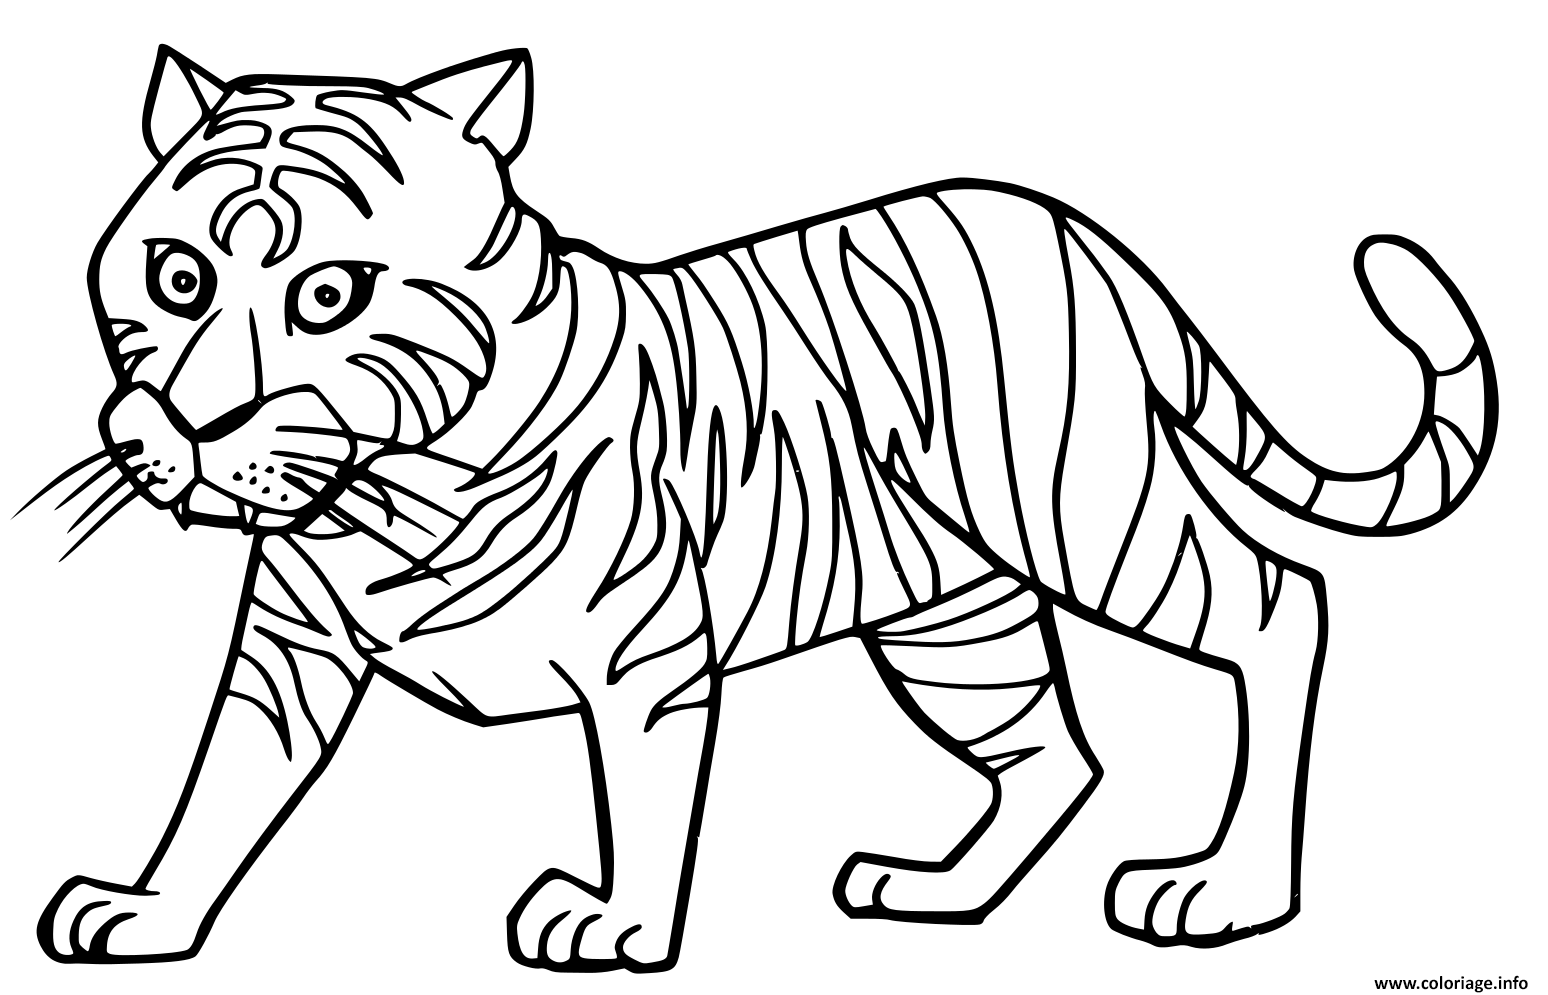 Dessin cartoon cute tigre Coloriage Gratuit à Imprimer